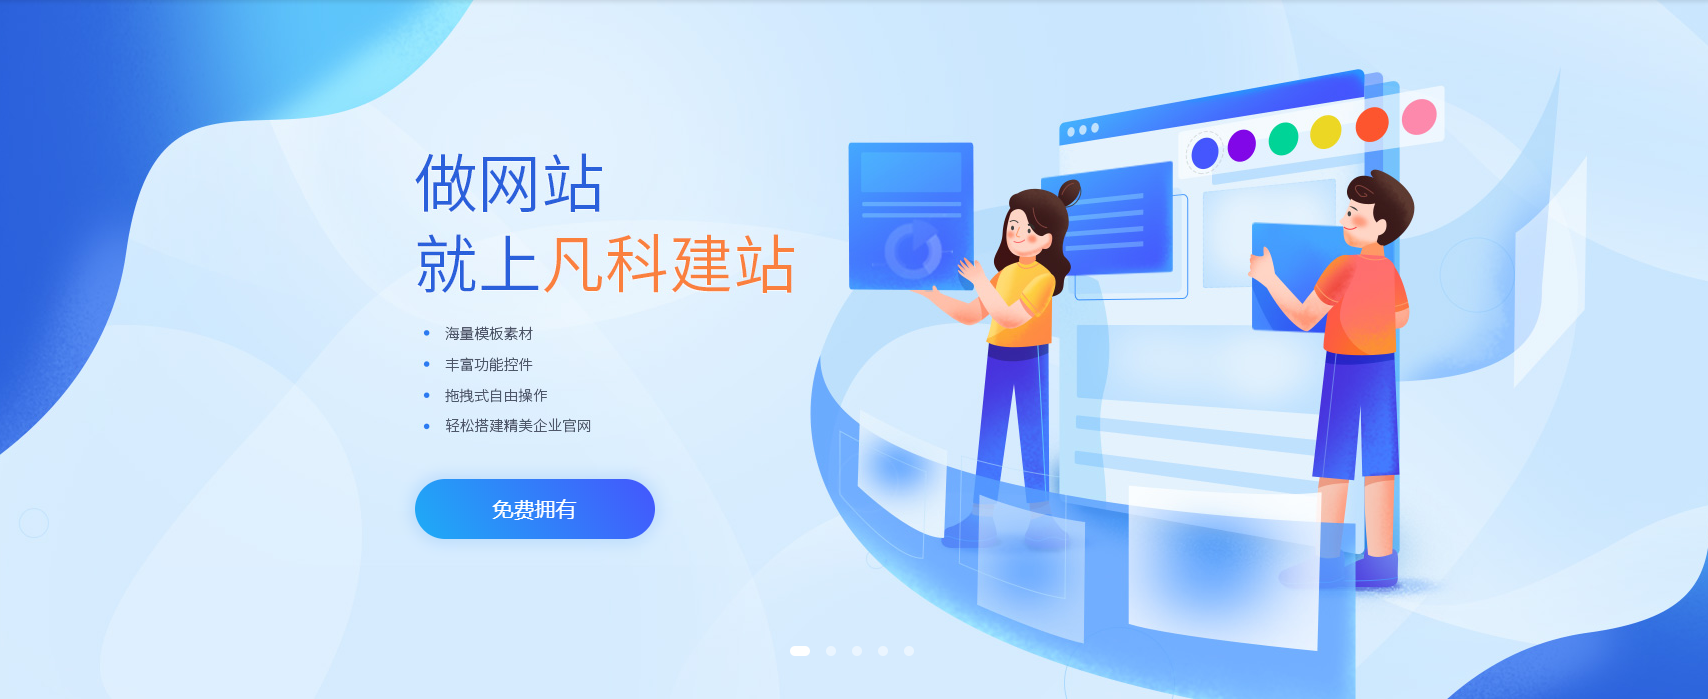 中小型企业网站如何运营